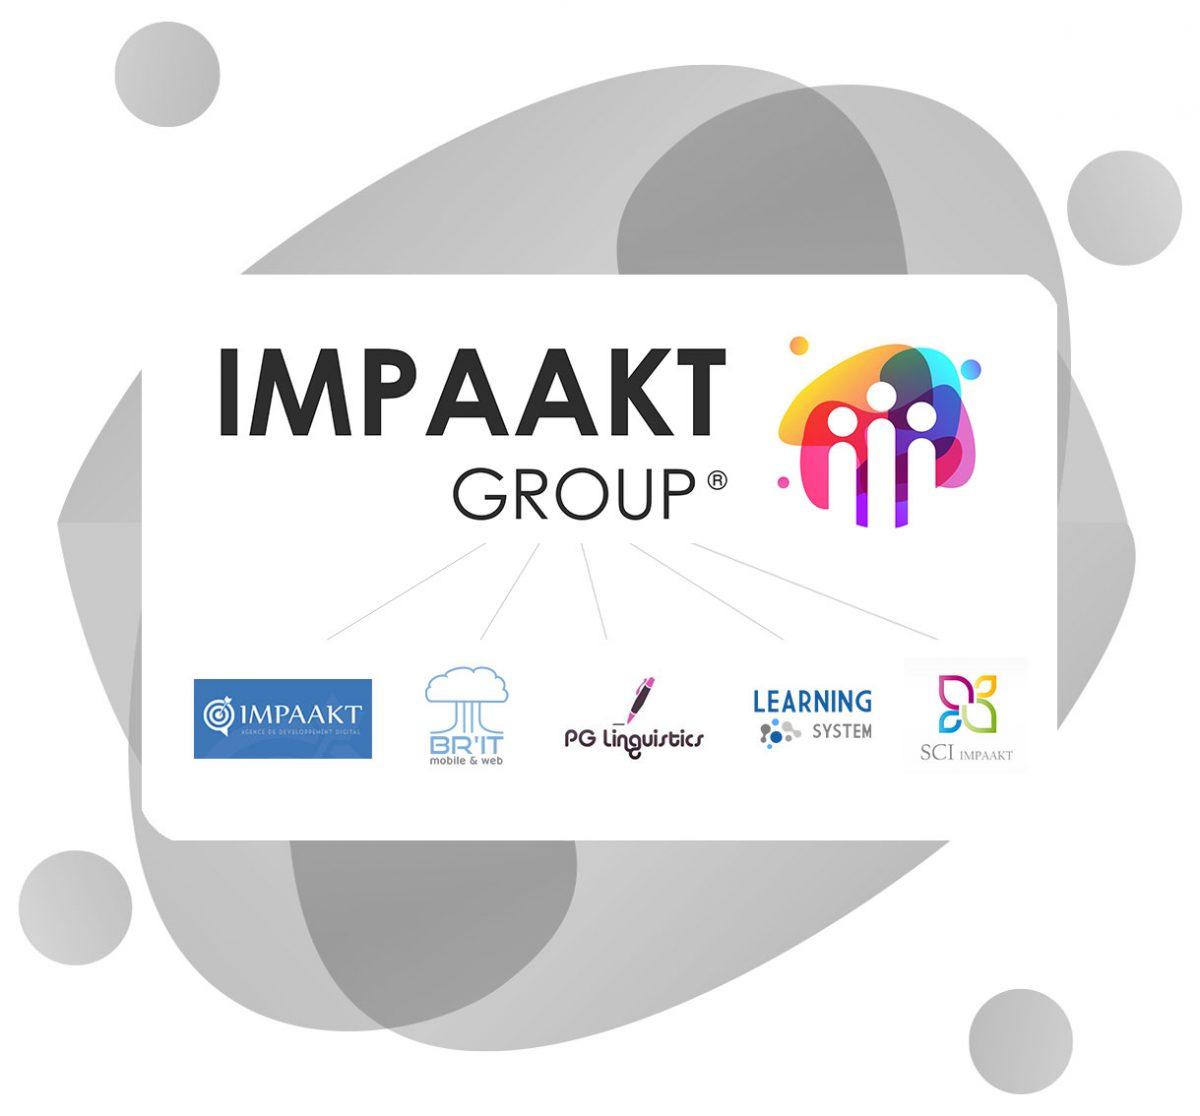 Groupe IMPAAKT Group